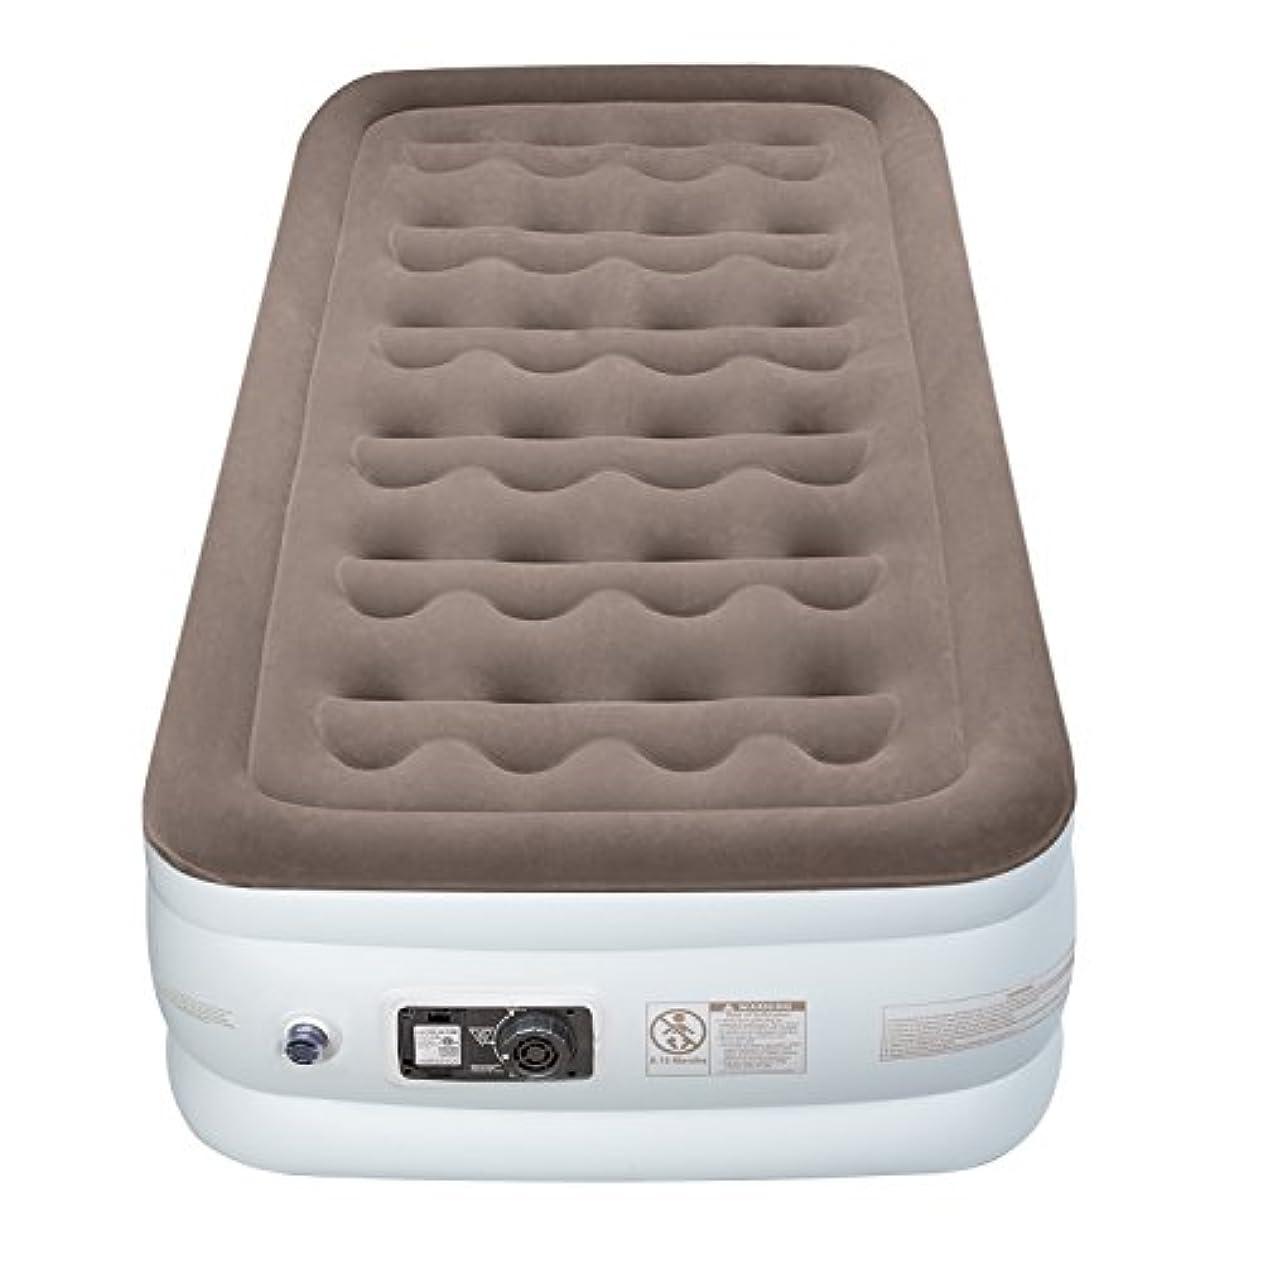 時代半球均等にEtekcity Upgraded Air Mattress Blow Up Elevated Raised Guest Bed Inflatable Airbed with Built-in Electric Pump, Height 18'', Twin Size 141[並行輸入]